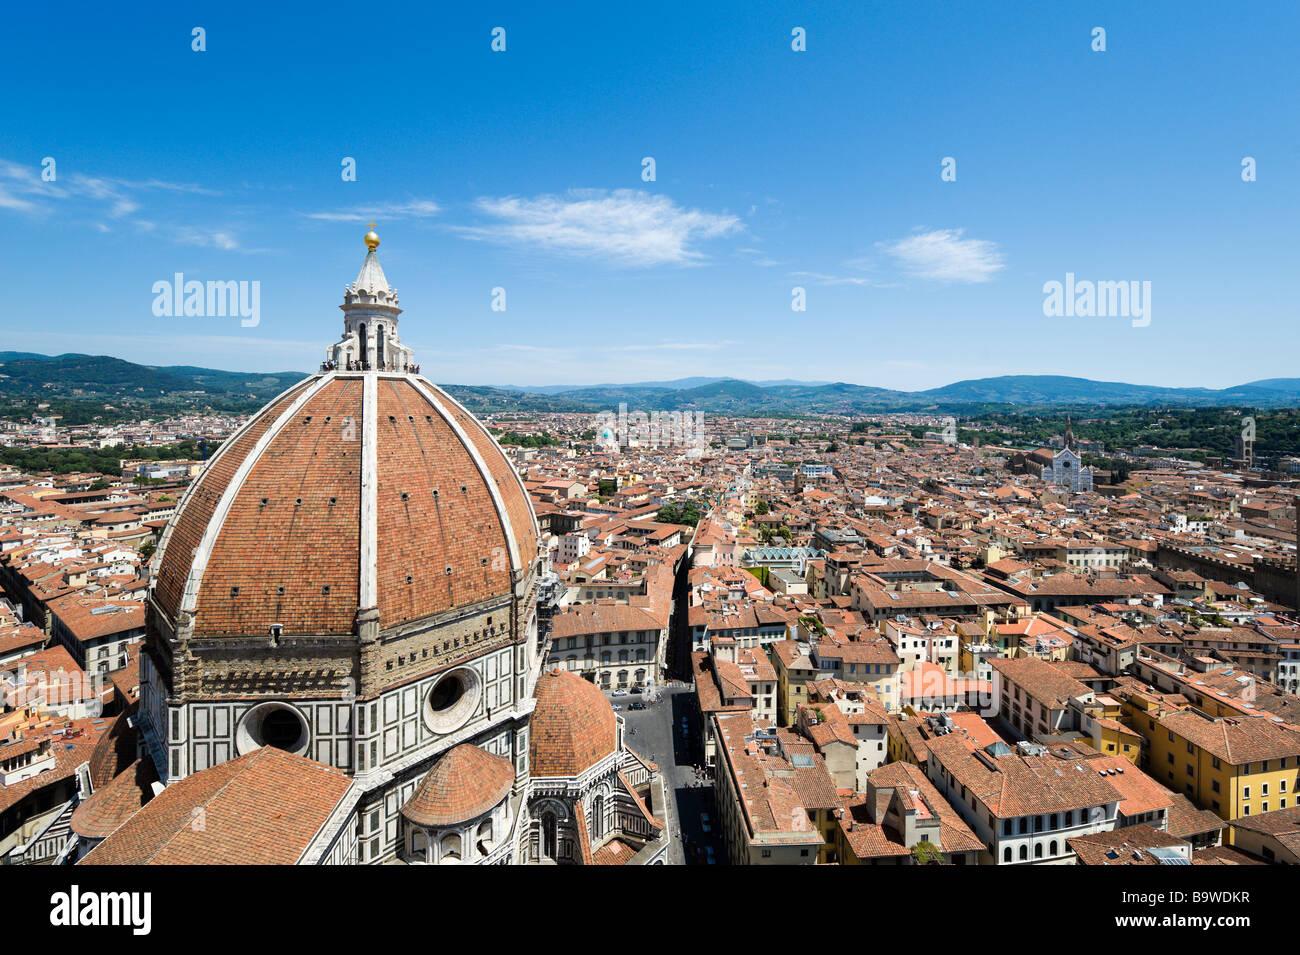 Blick auf die Kuppel der Basilika di Santa Maria del Fiore (Duomo) von den Campanile, Florenz, Toskana, Italien Stockbild